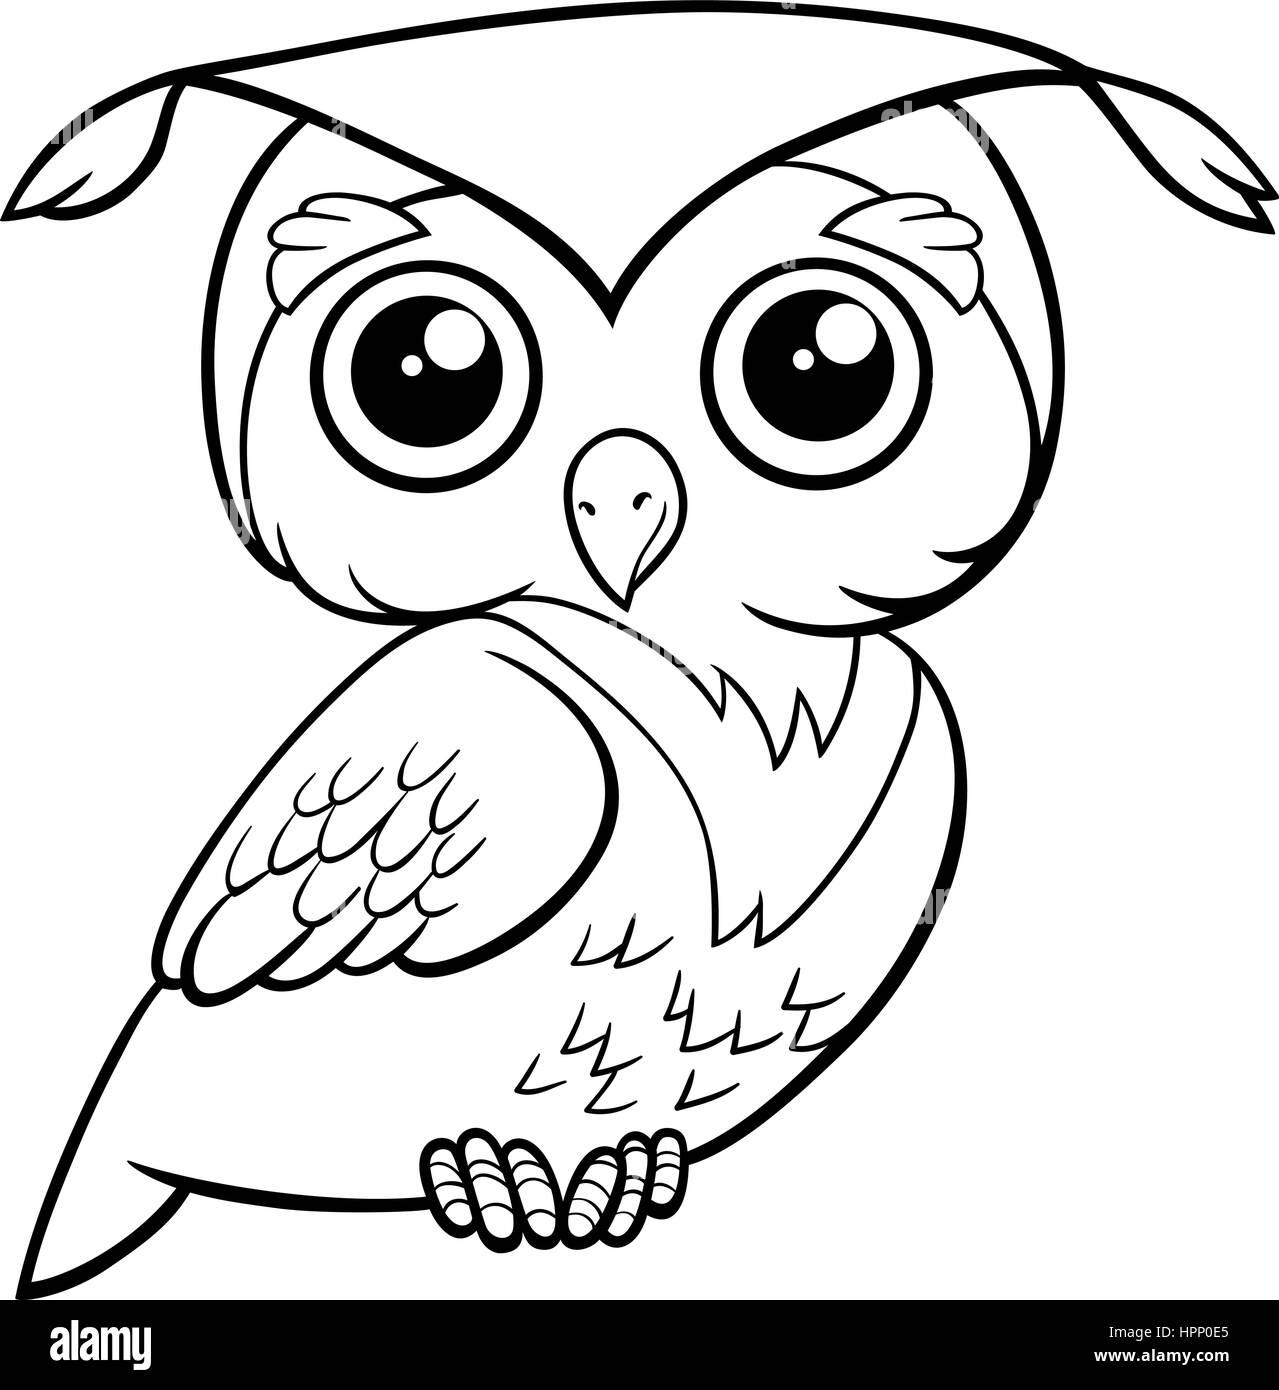 Schwarz Weiß Cartoon Illustration Der Niedliche Eule Vogel Tier